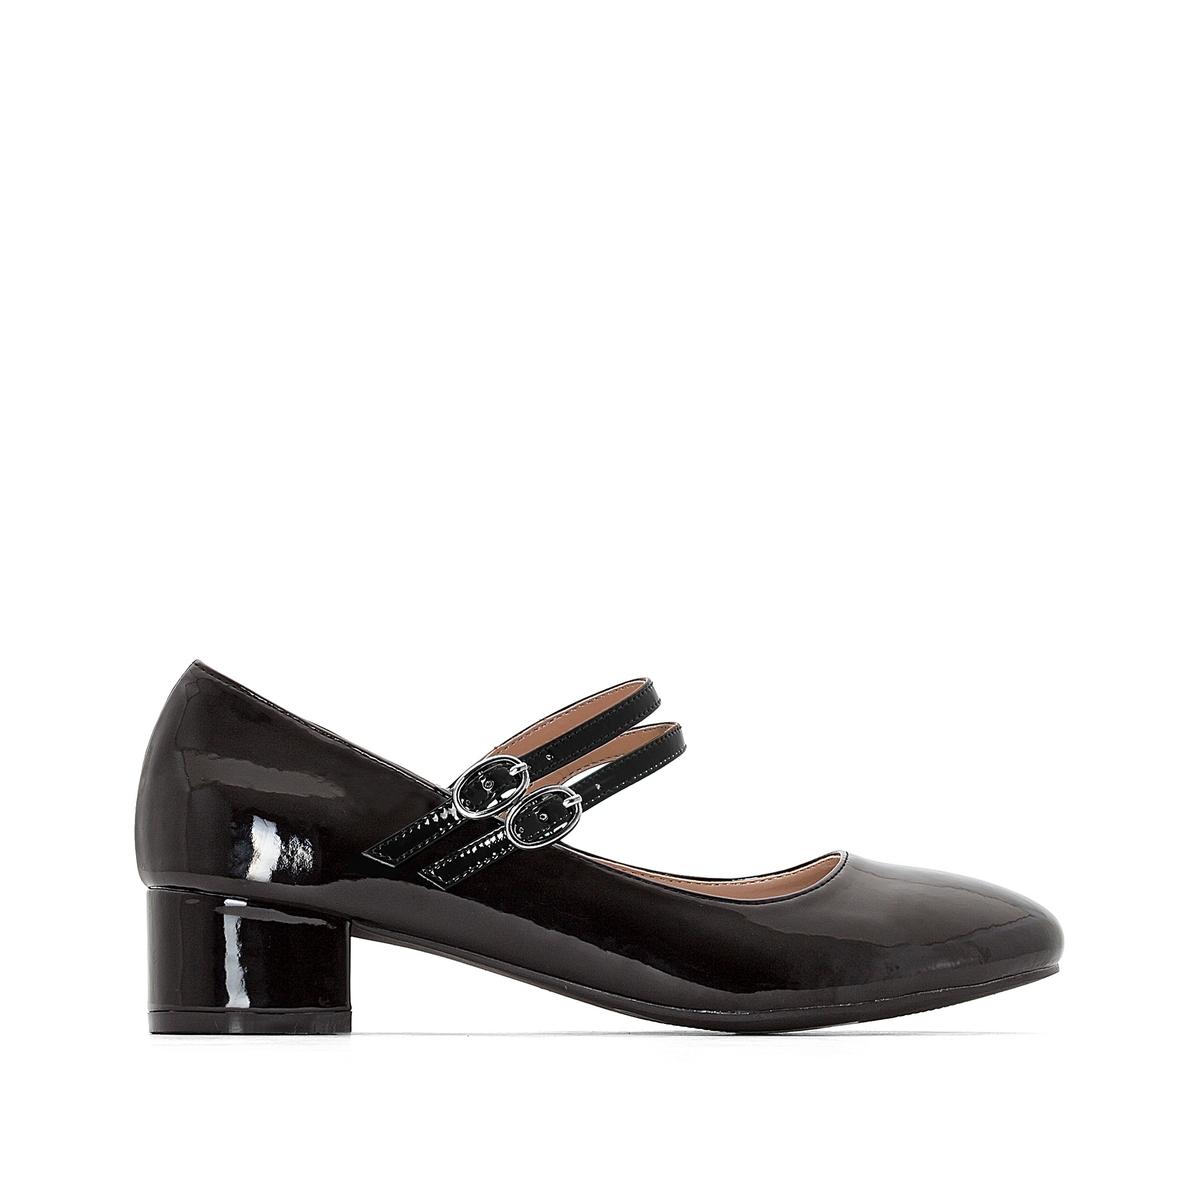 Gelakte ballerina's met 2 bandjes, brede voet, 38-45